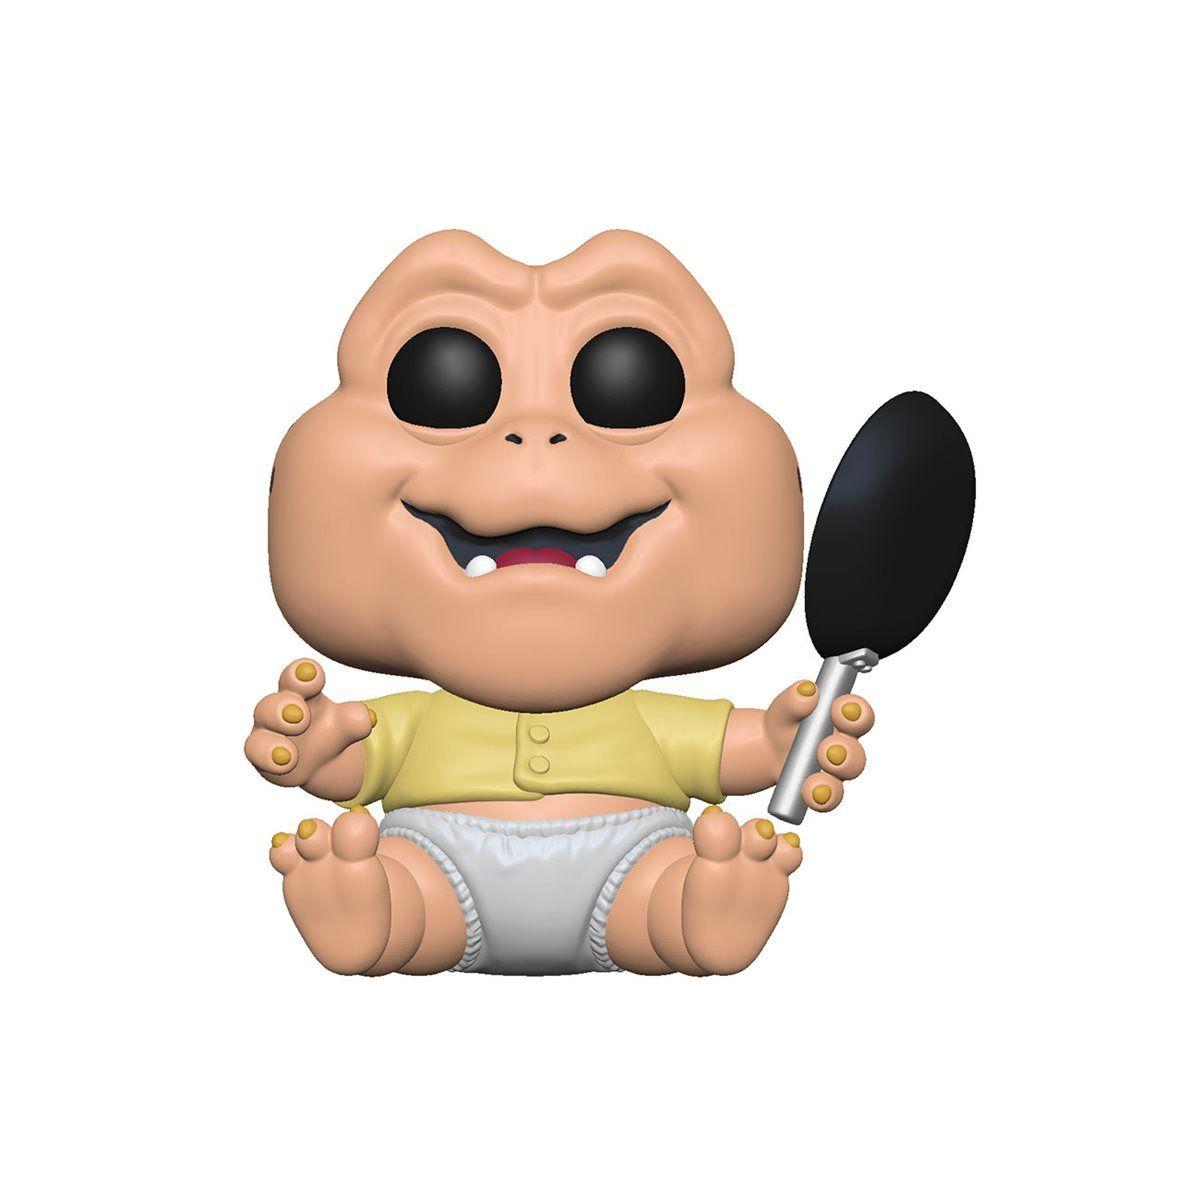 PRÉ VENDA: Funko Pop! Baby Sinclair: A Família Dinossauro (Dinosaurs) - #961 Funko